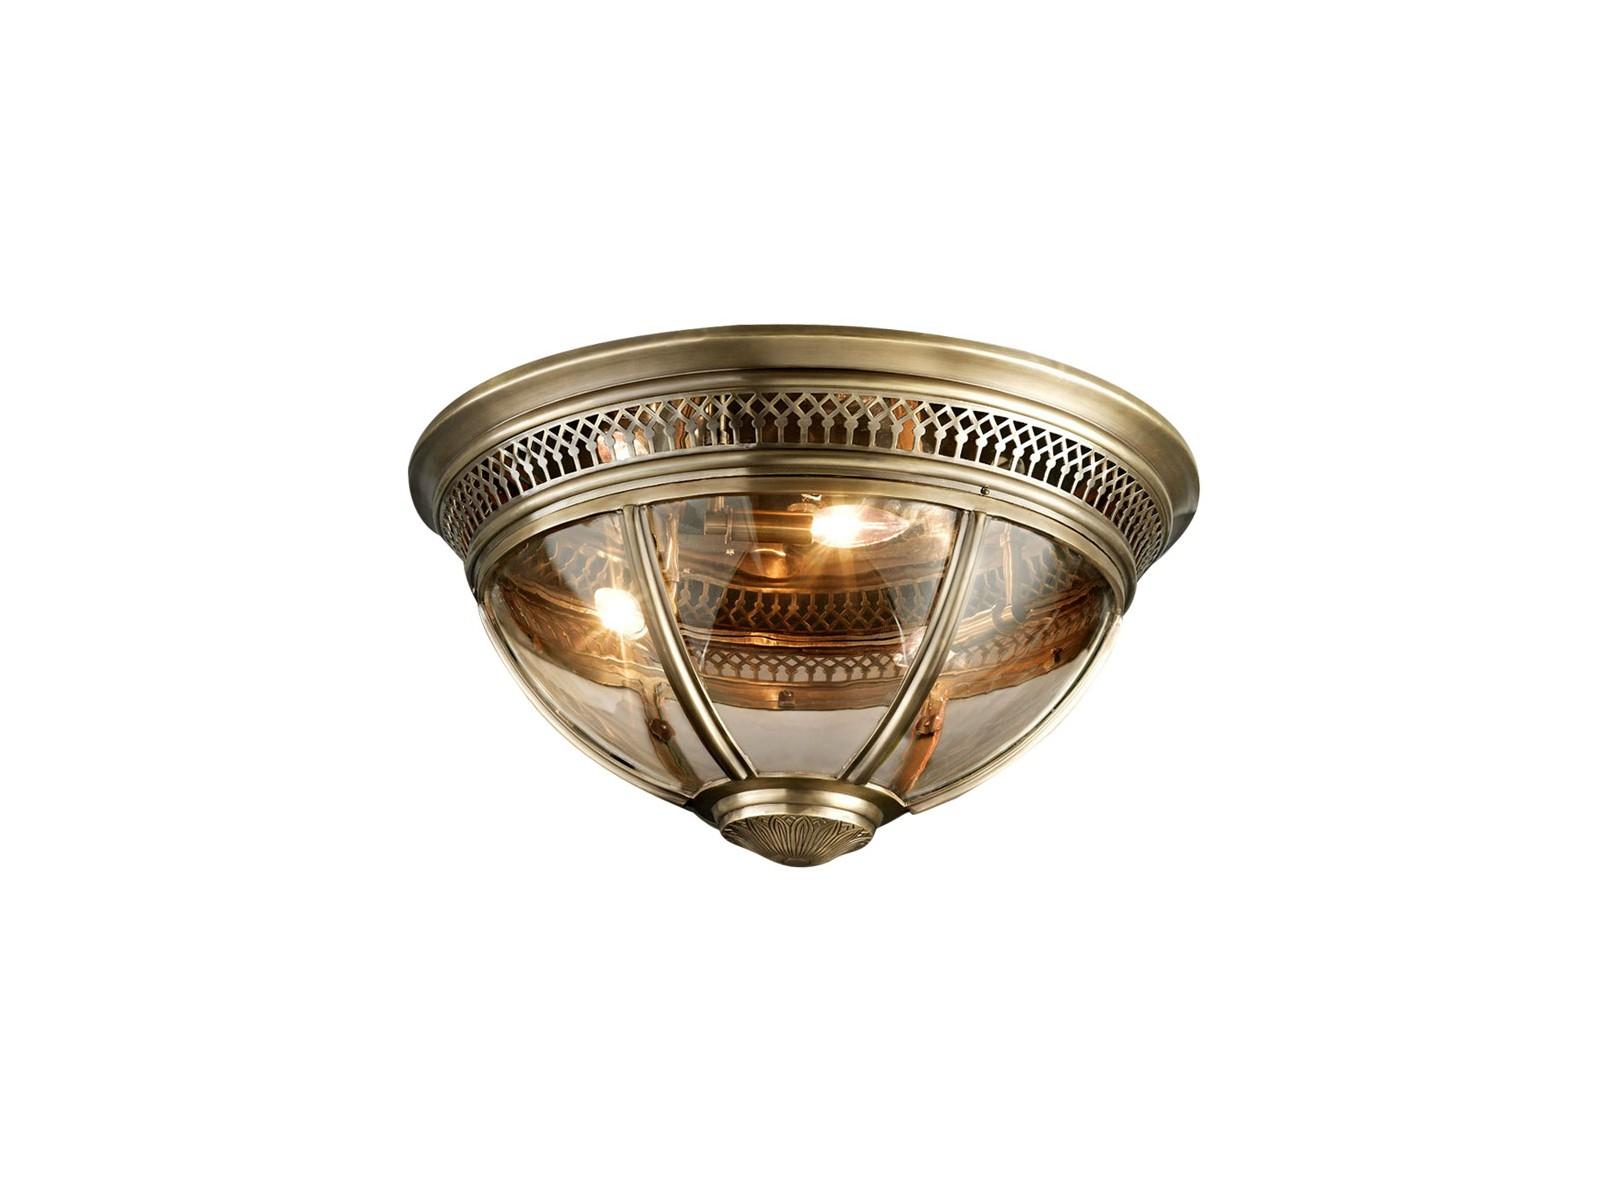 Светильник потолочный DeLight Collection 15436017 от thefurnish